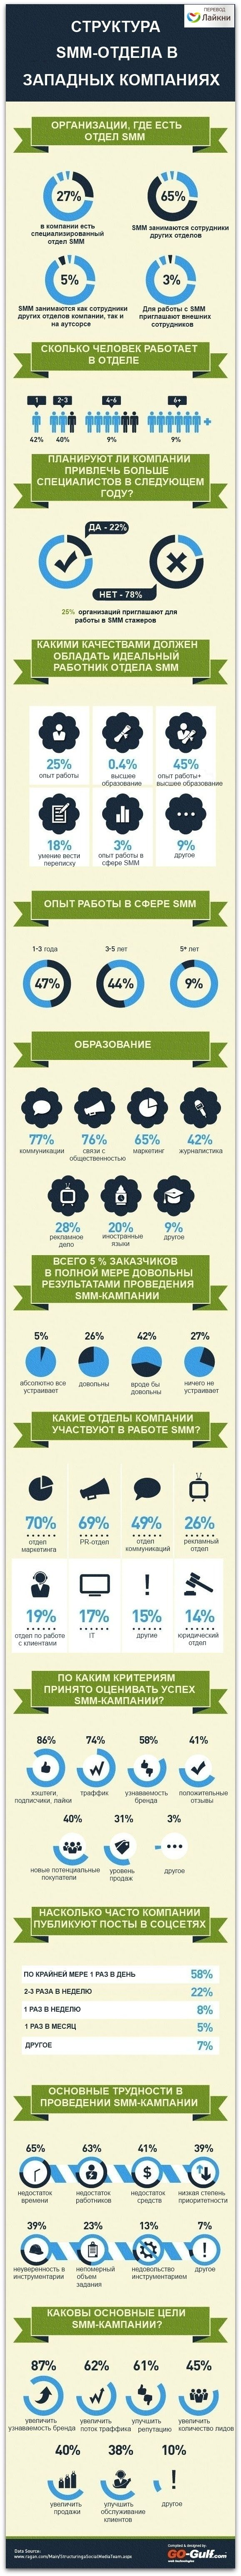 Инфографика: структура SMM-отдела в западных компаниях Издательство Ragan выпустило официальный доклад, который поможет проанализировать показатели работы западных SMM-команд и усовершенствовать собственную стратегию #SMM